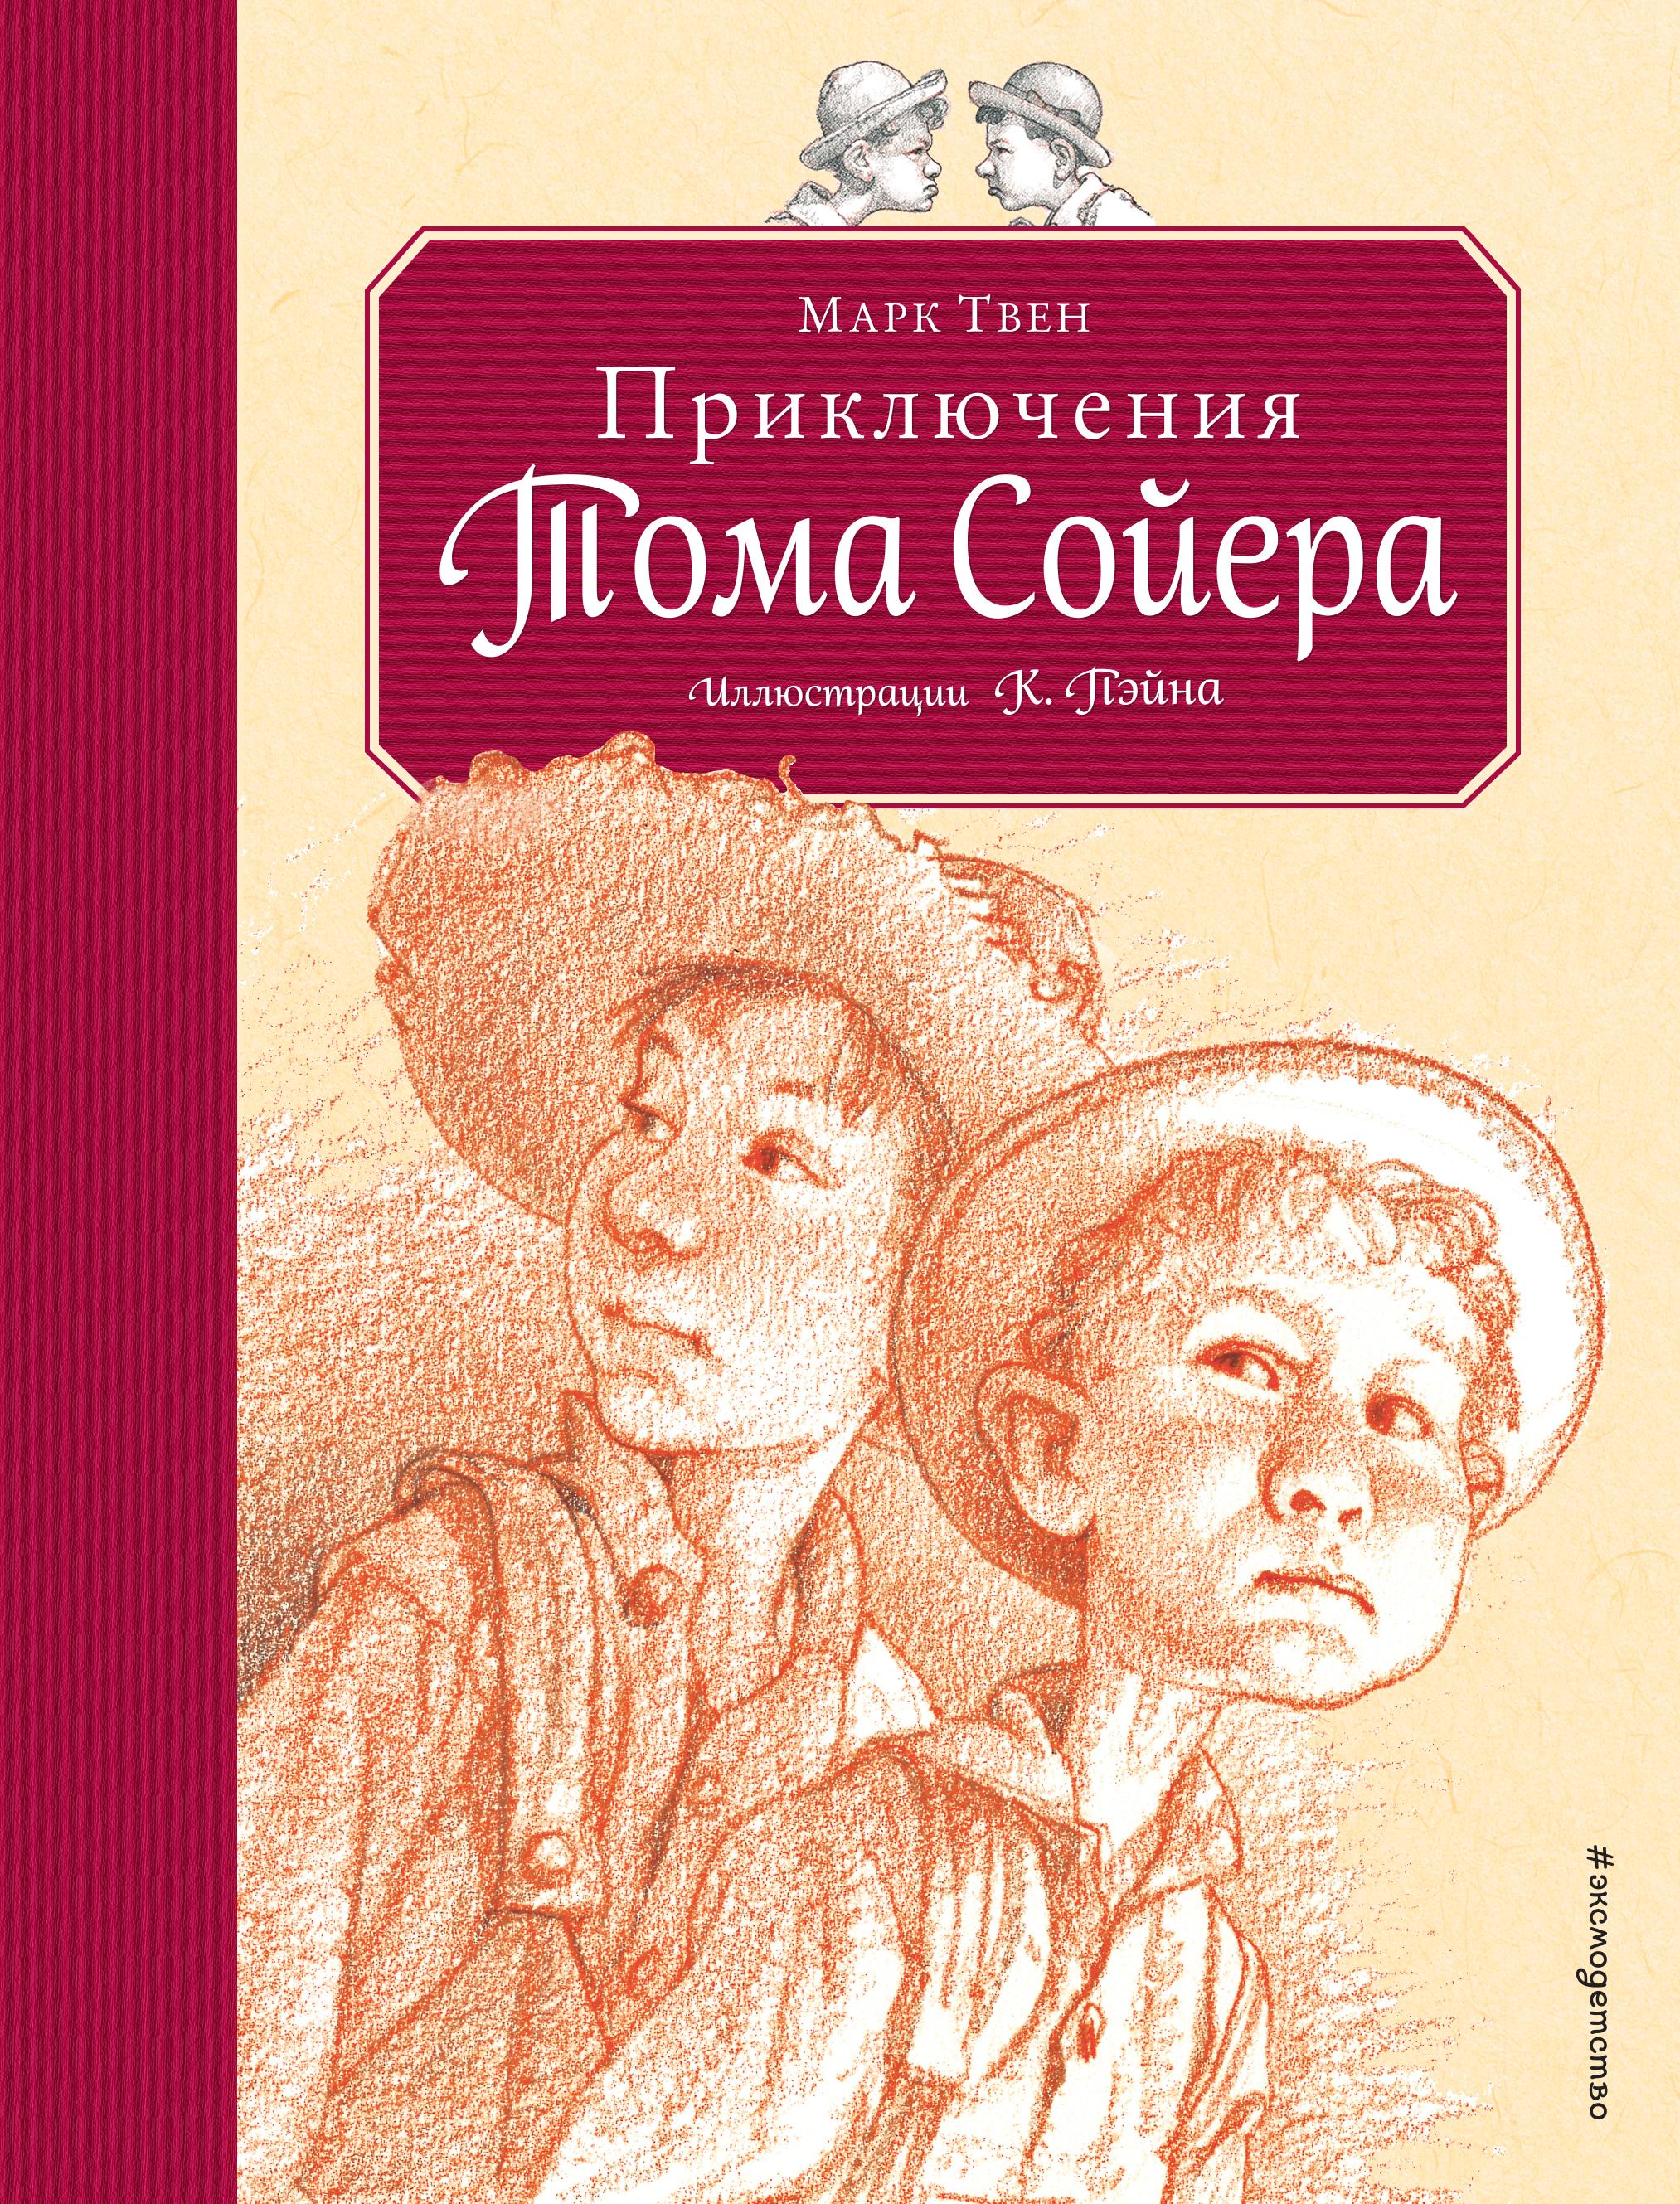 Твен Марк Приключения Тома Сойера (ил. К.Ф. Пэйна) (Том и Гек)